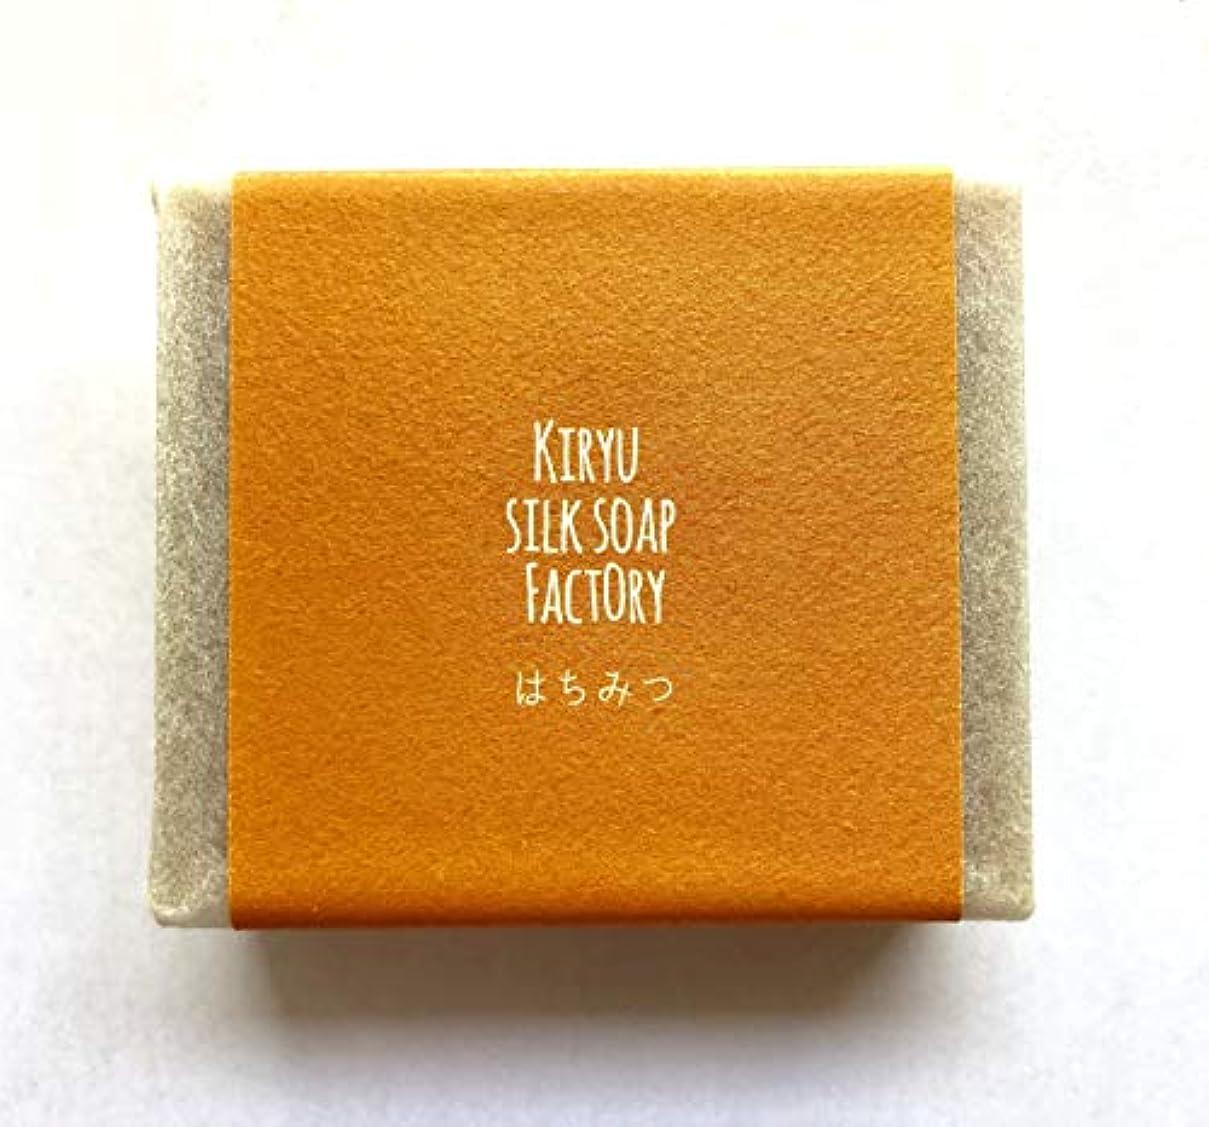 間接的開発するレイアウト桐生絹せっけん工房 なま絹手練り石けん (無添加 コールドプロセス製法) (はちみつ, 90g)